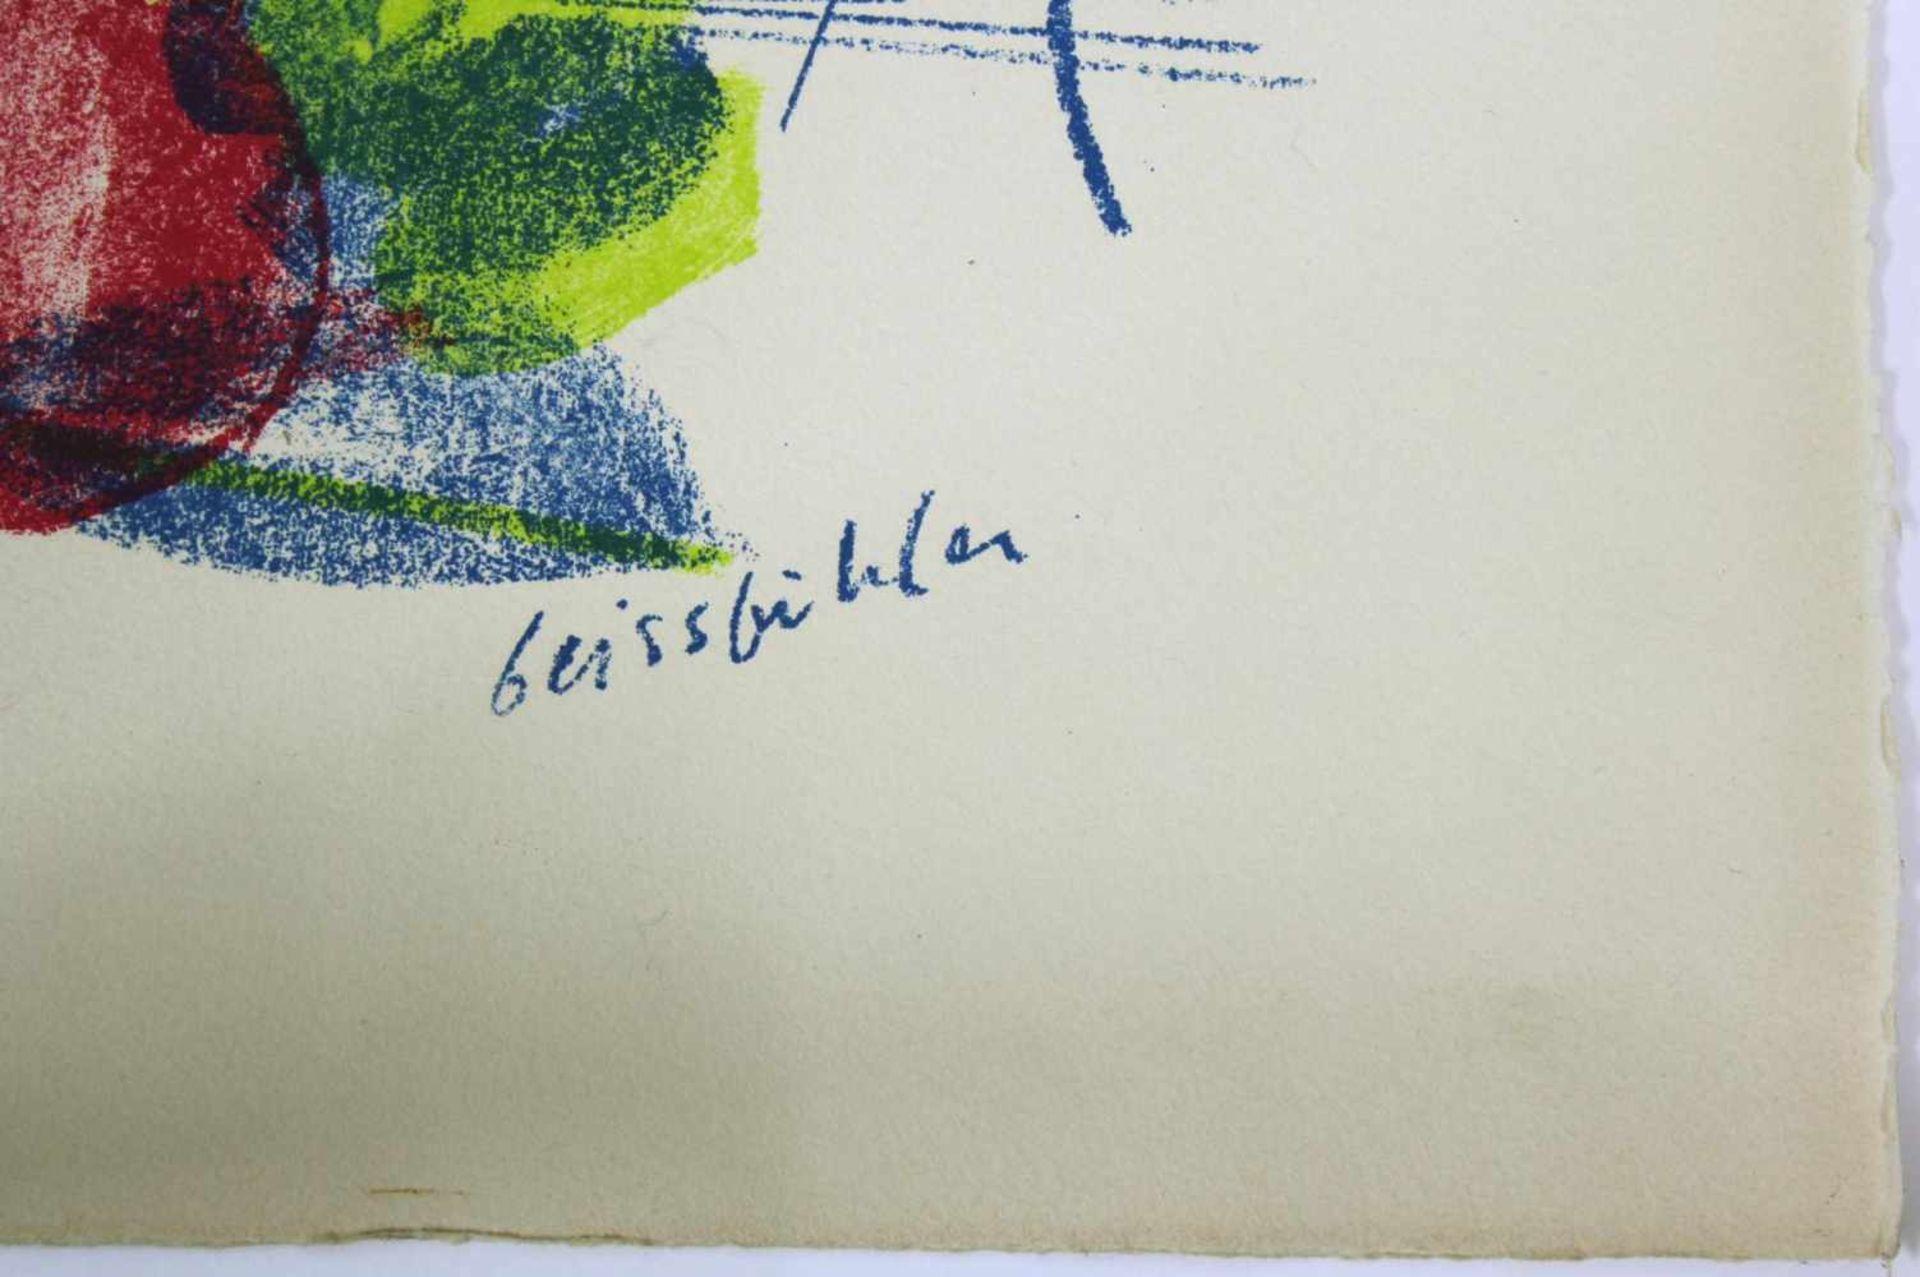 Geisbichler Landschaft Lithographie Signatur in Druckplatte, nummeriert 169/200 50 x 65 cm - Bild 2 aus 3